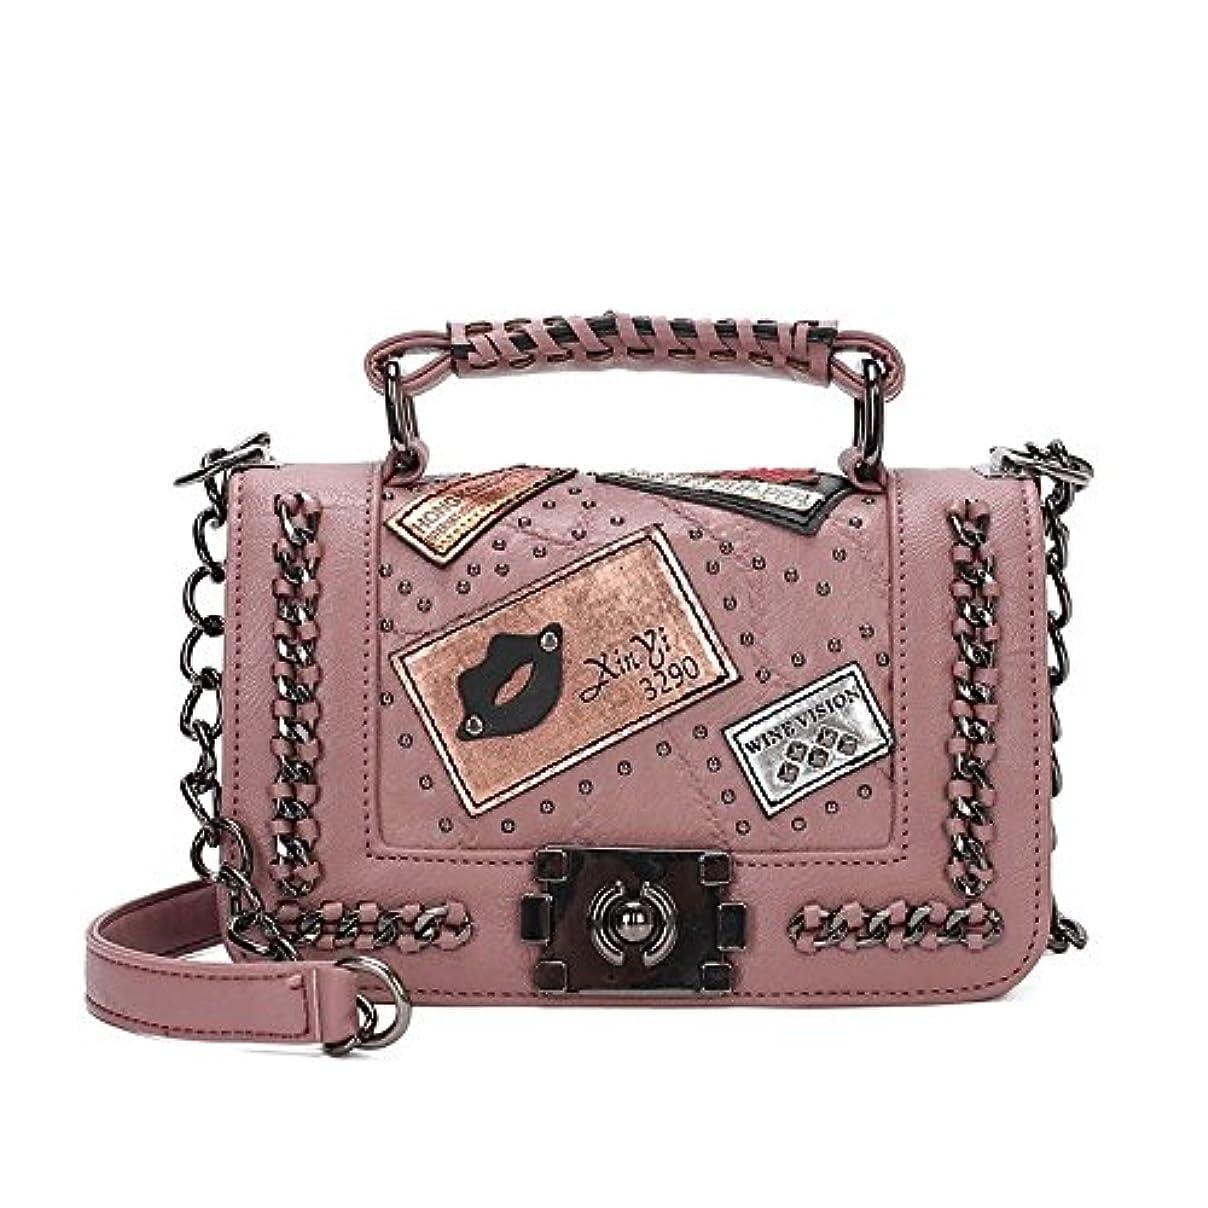 アパート解任に賛成シューズ&バッグ/ バッグ?スーツケース / レディースバッグ?財布 / バッグ /ショルダーバッグ/ Women Ladies Pu Leather Chain Floral Handbag Crossbody Shoulder Messenger Bag